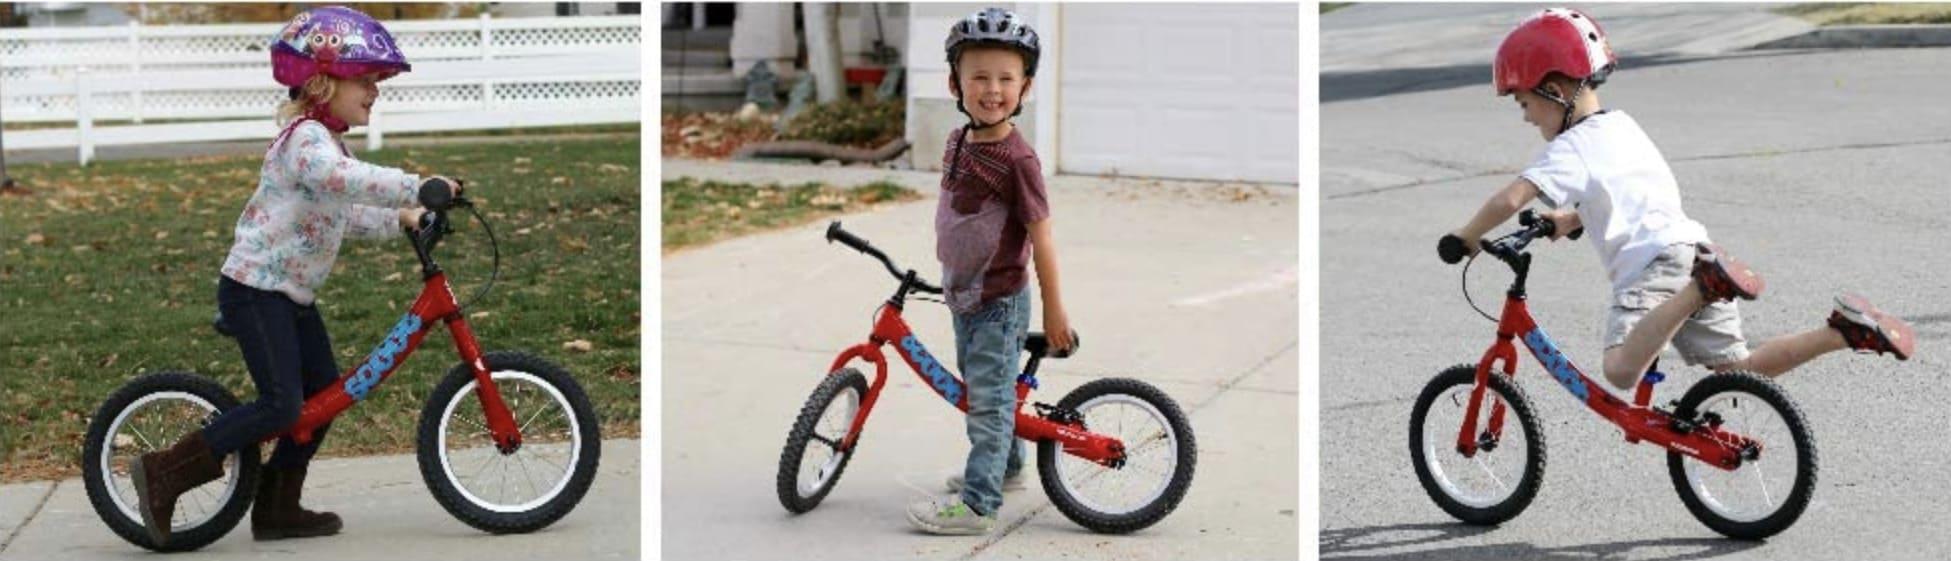 Niños conduciendo sus bicicletas sin pedales Rigdeback XL